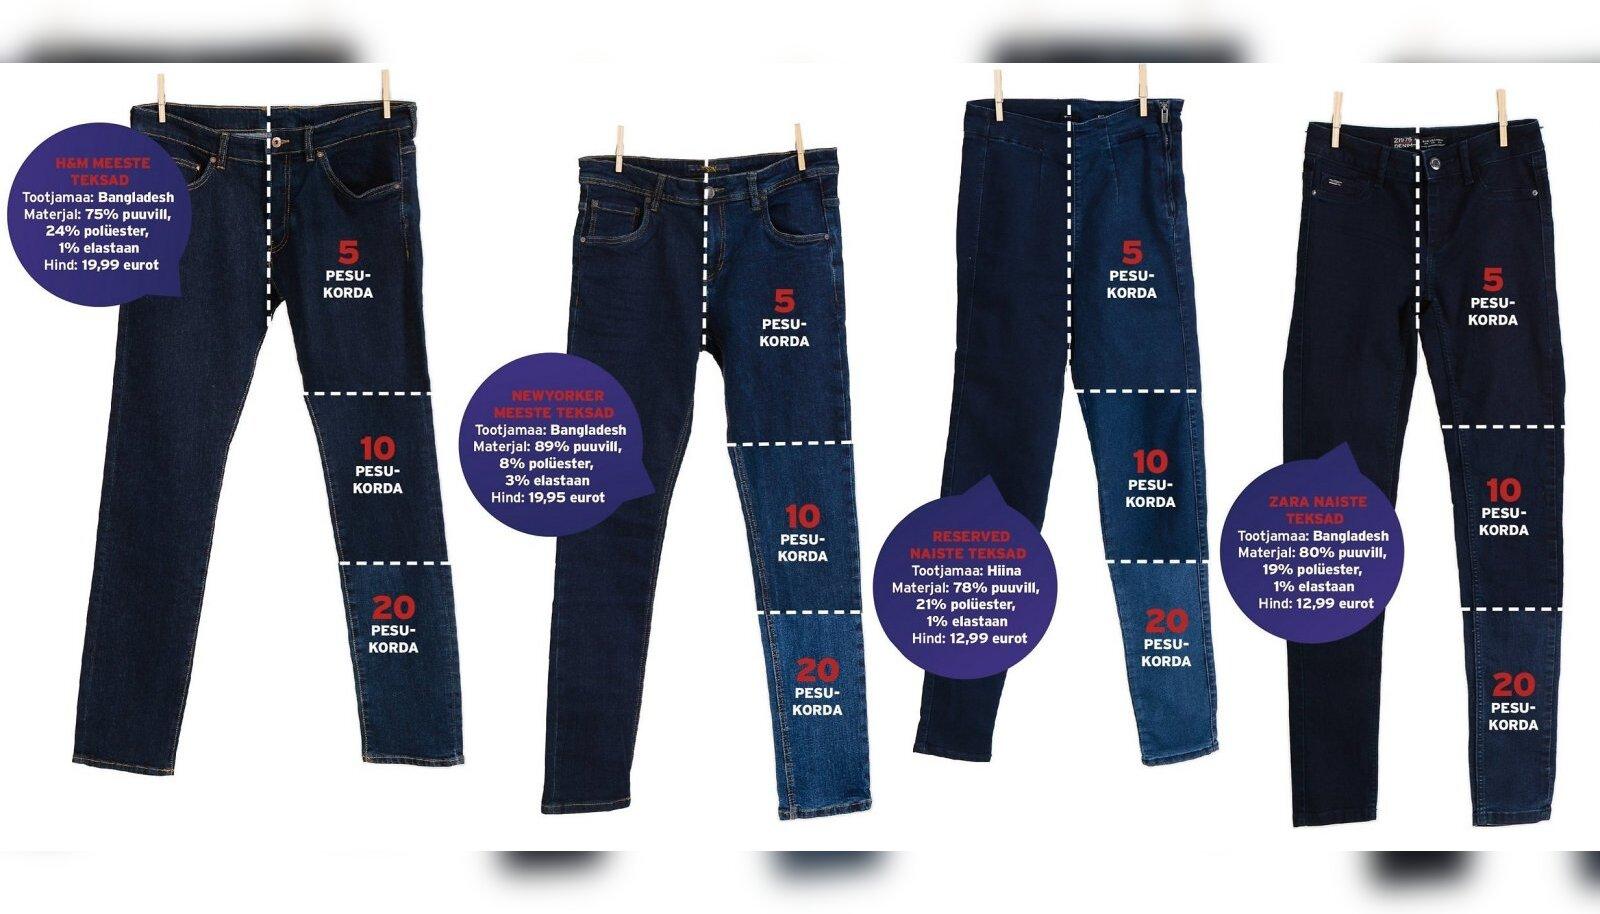 314524628f0  Kiirmoeteksade tuleproov. Millised püksid kõlbavad jalga ka pärast 20ndat  pesukorda?